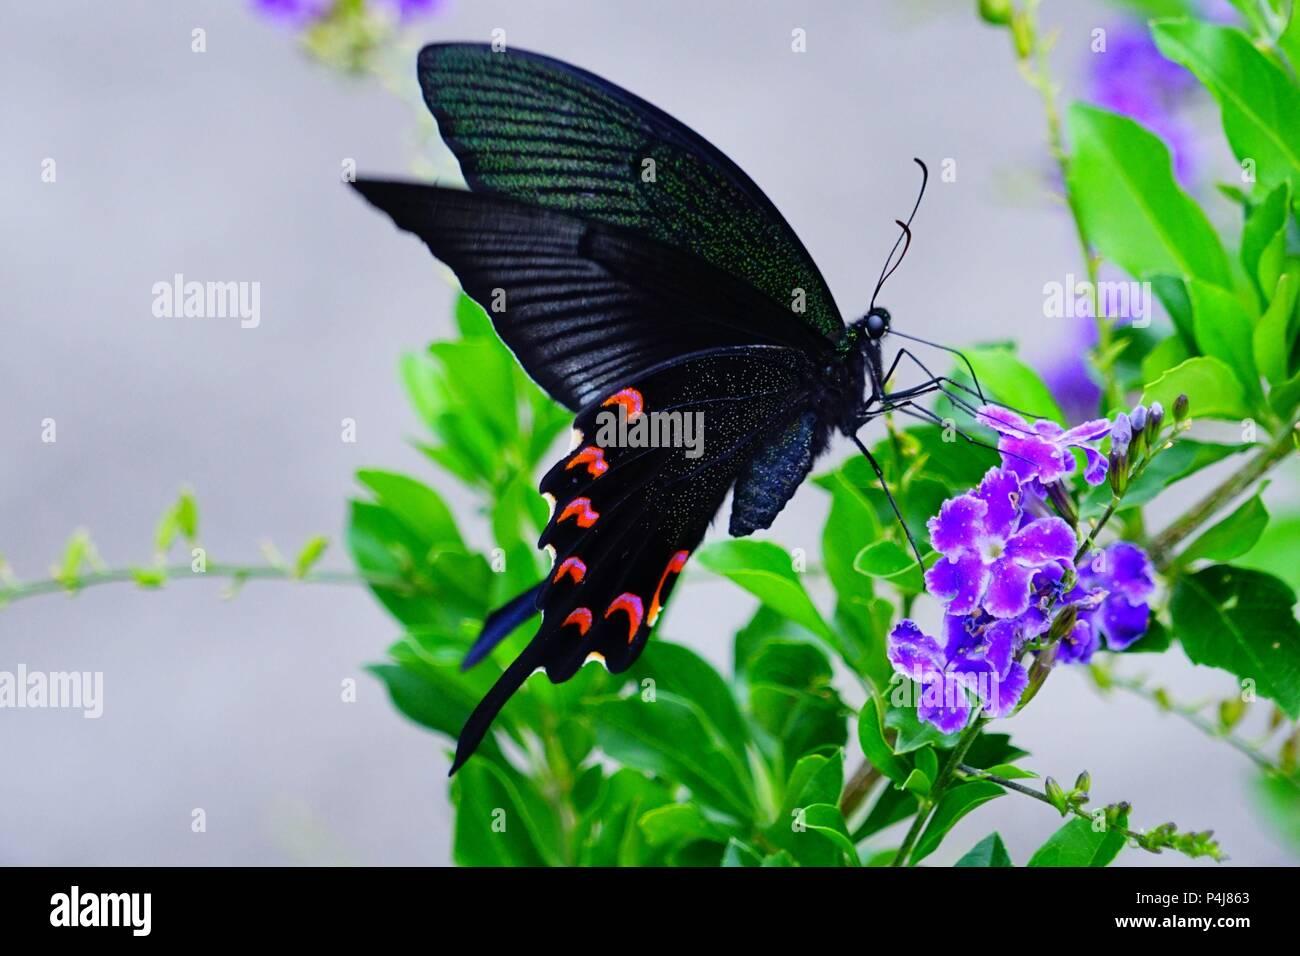 Sưu tập Bộ cánh vẩy 2 - Page 66 Papilio-maraho-P4J863